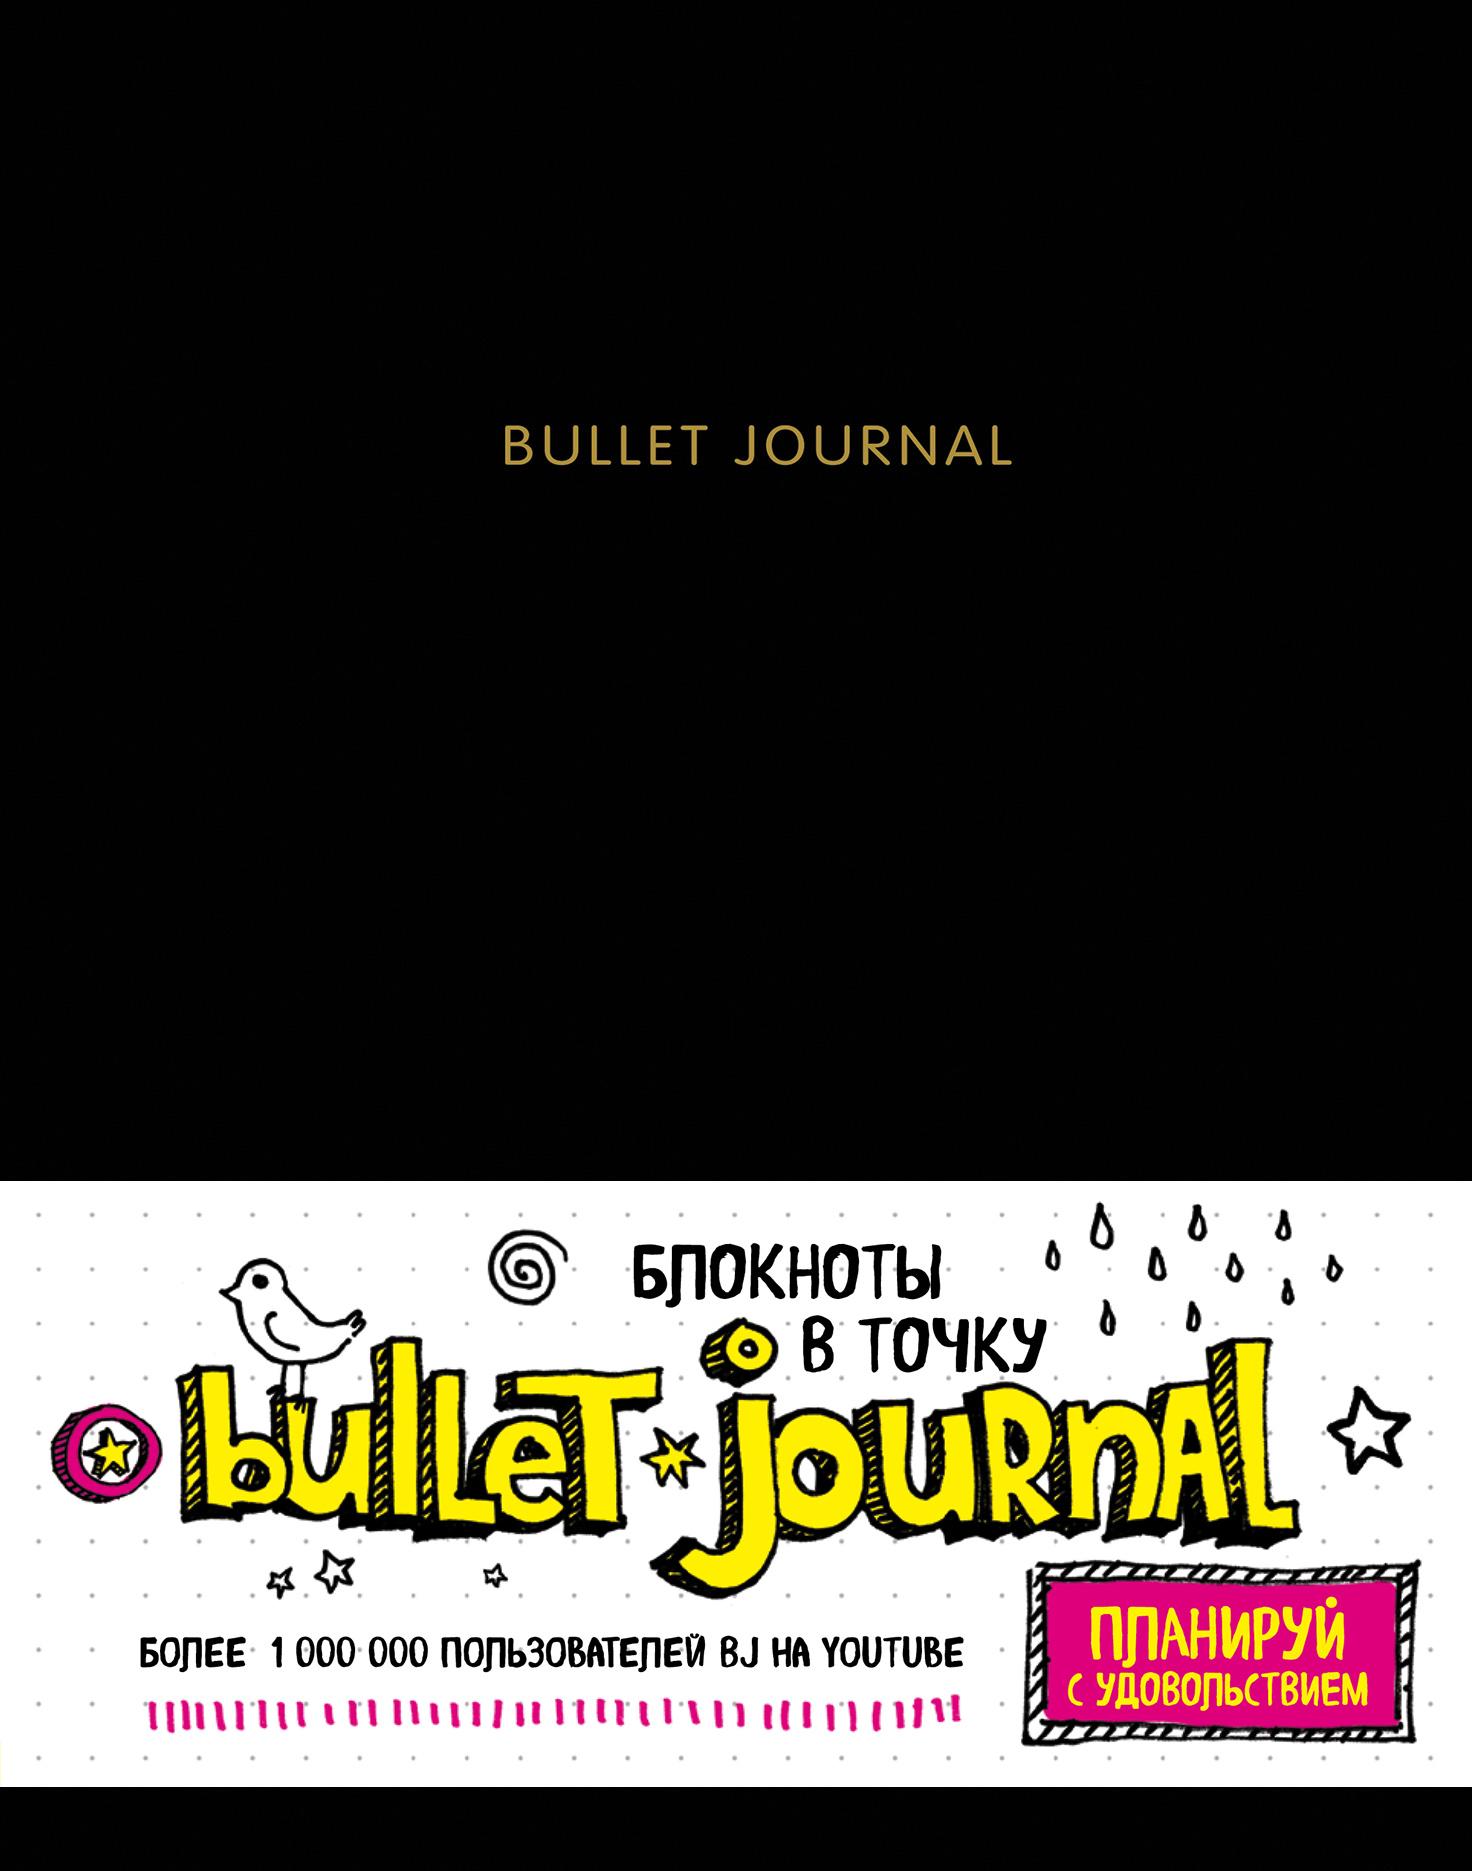 Блокнот в точку: Bullet journal (черный) 2017 new a5 business notebook line meeting diary journal gift buckle journal notepad diary planner office